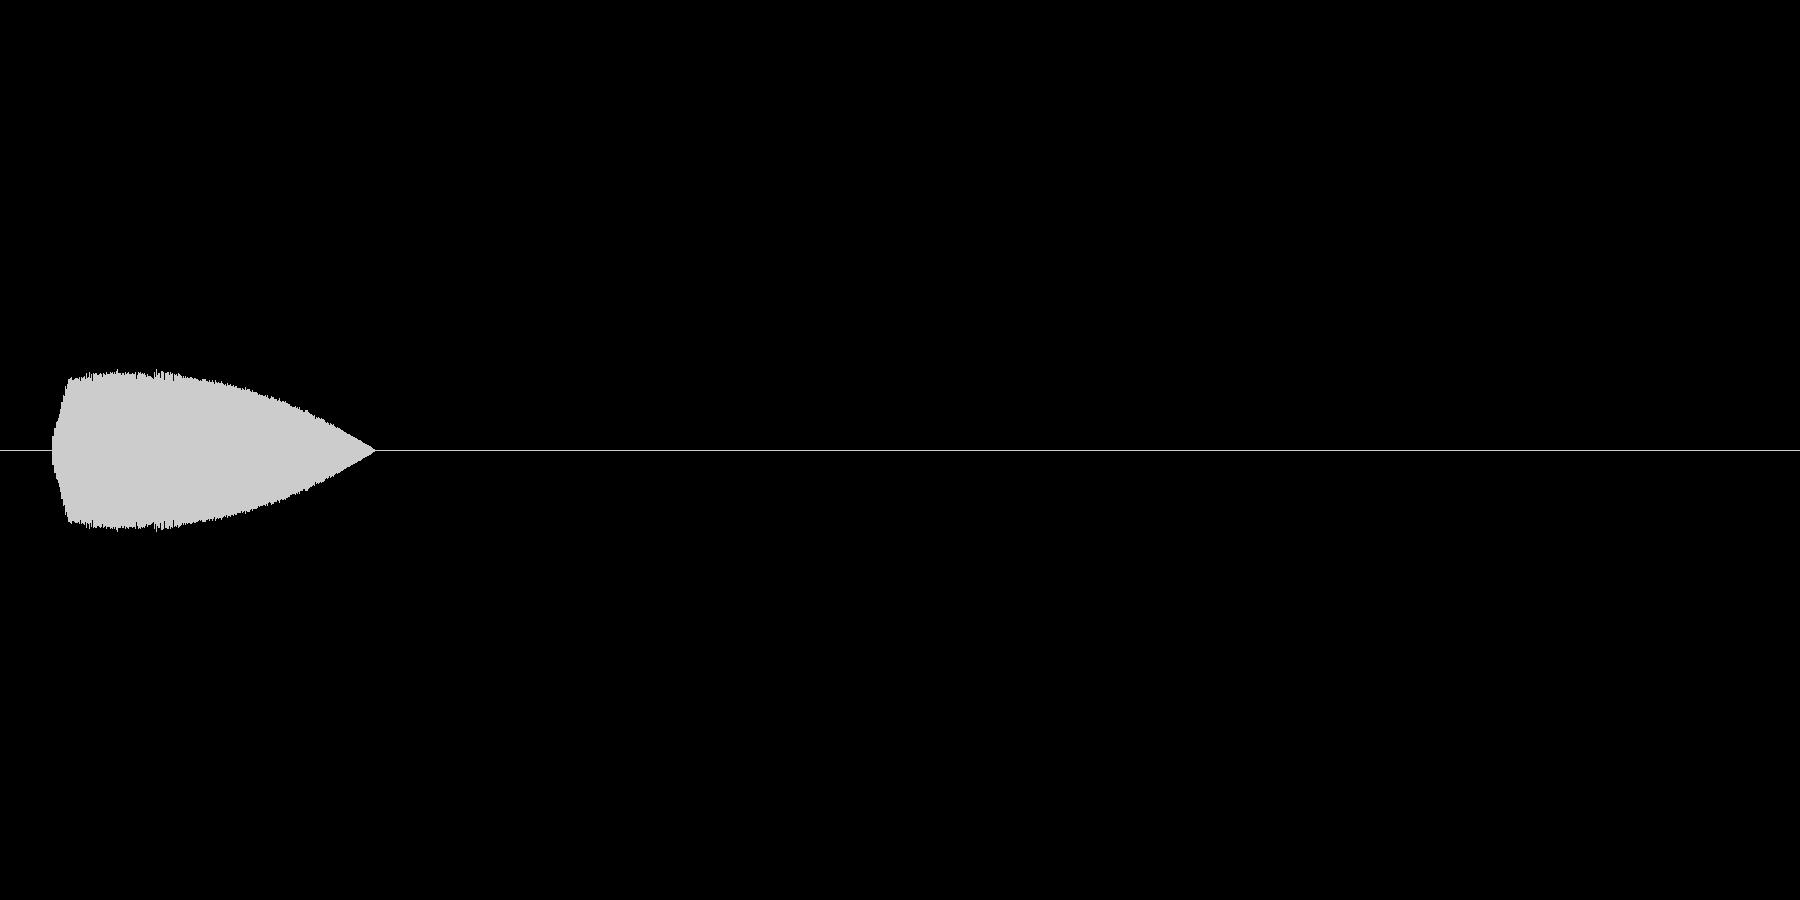 8bitの選択音 ポヨンの未再生の波形